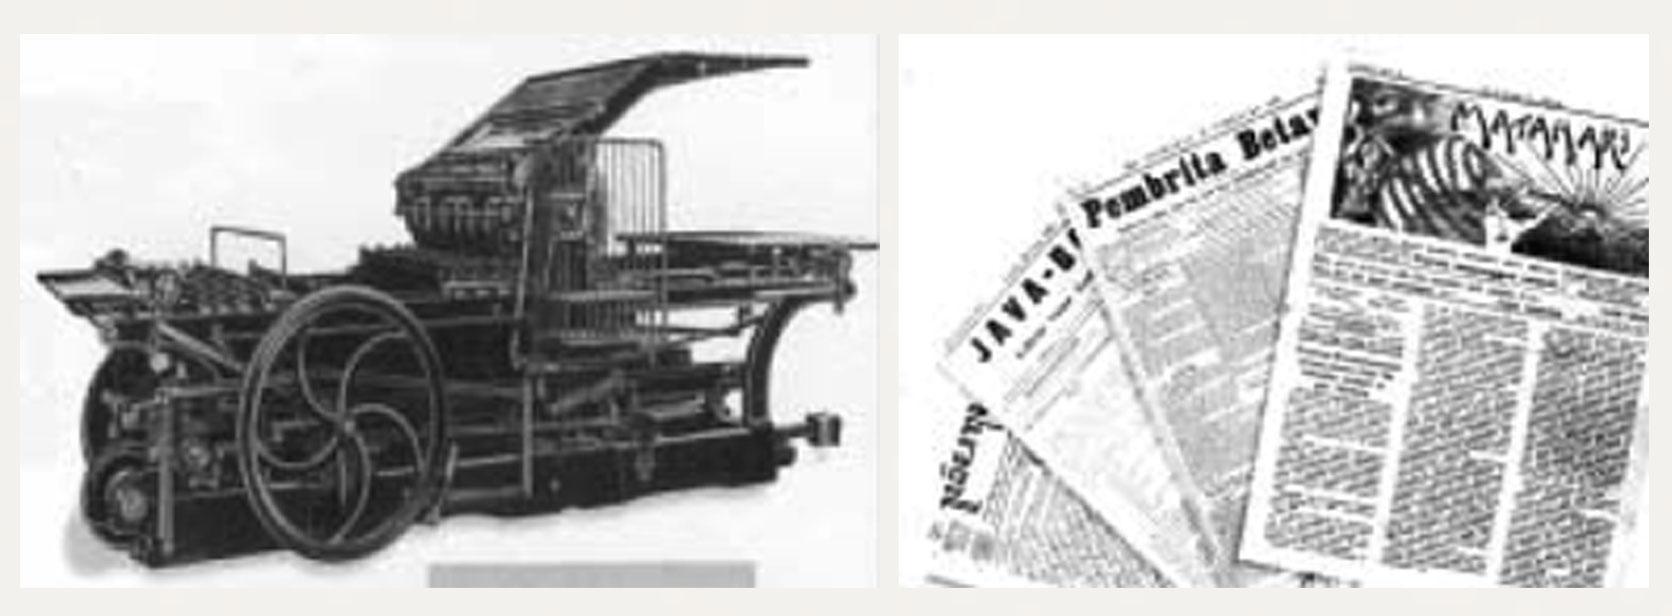 Gambar 1. (a) Mesin cetak merk Faber & Schleider yang diduga diimpor pertama kali di wilayah Hindia Belanda di abad ke-19; (b) Beberapa media cetak yang terbit di paruh kedua abad ke-19 hingga tahun 1920-an.